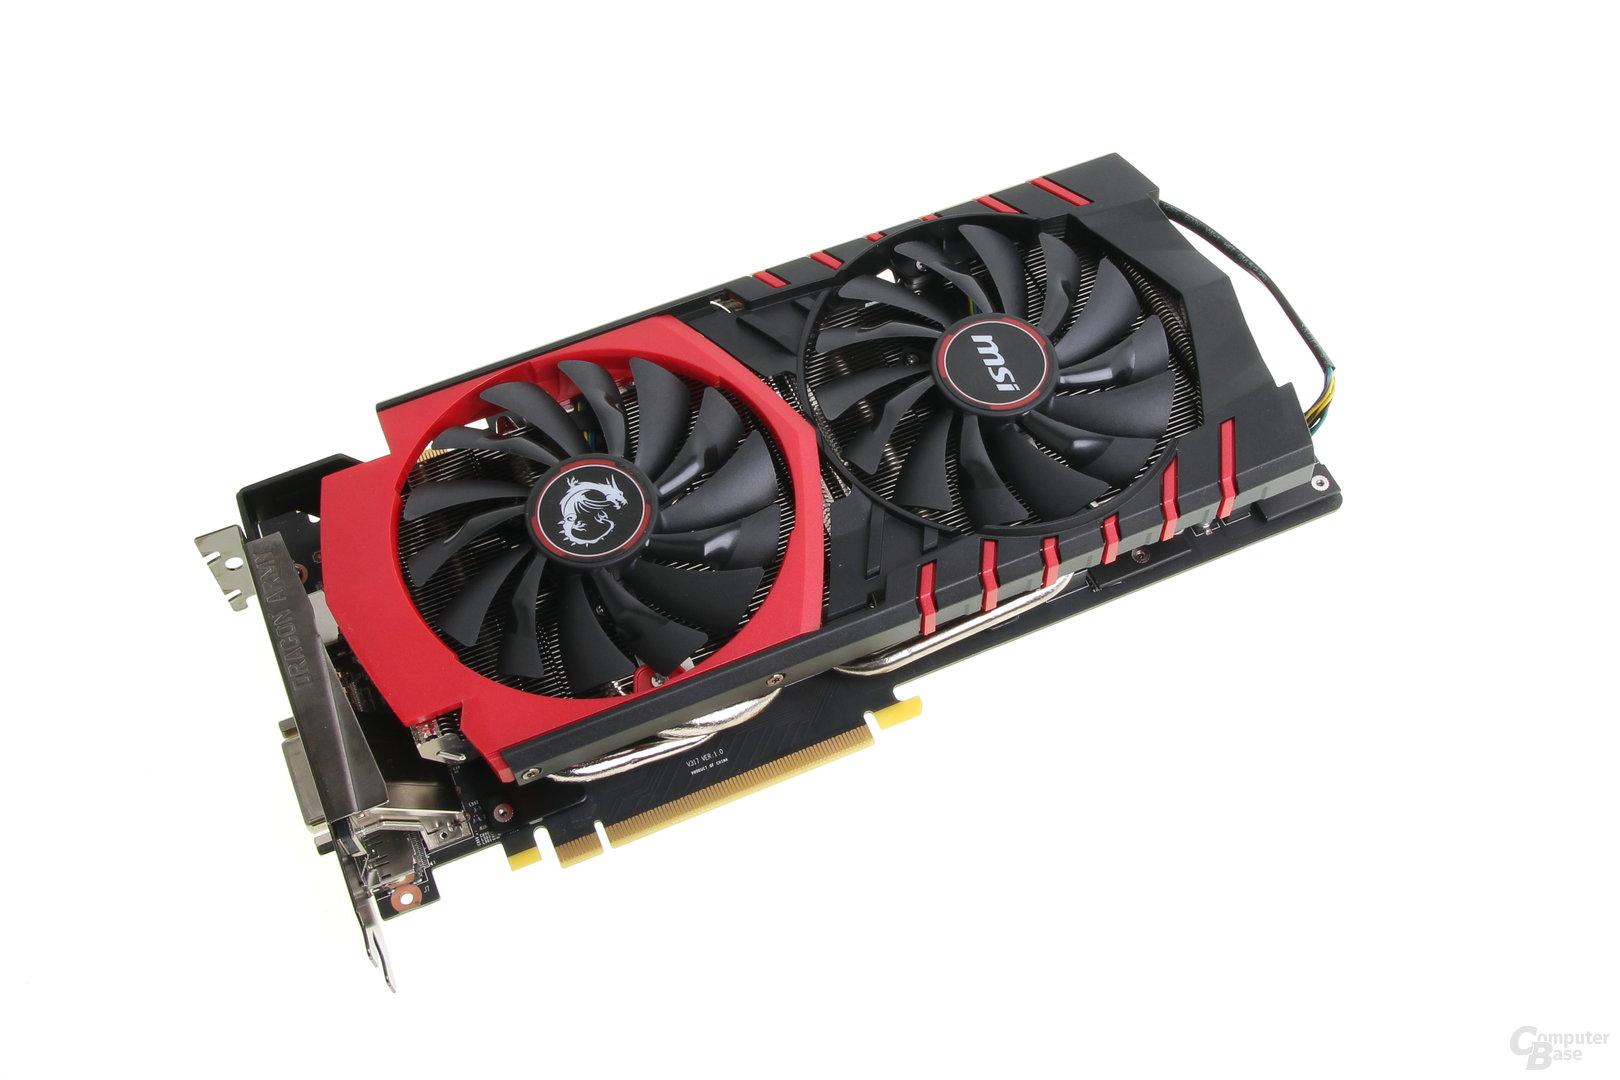 MSI GeForce GTX 980 Gaming 4G